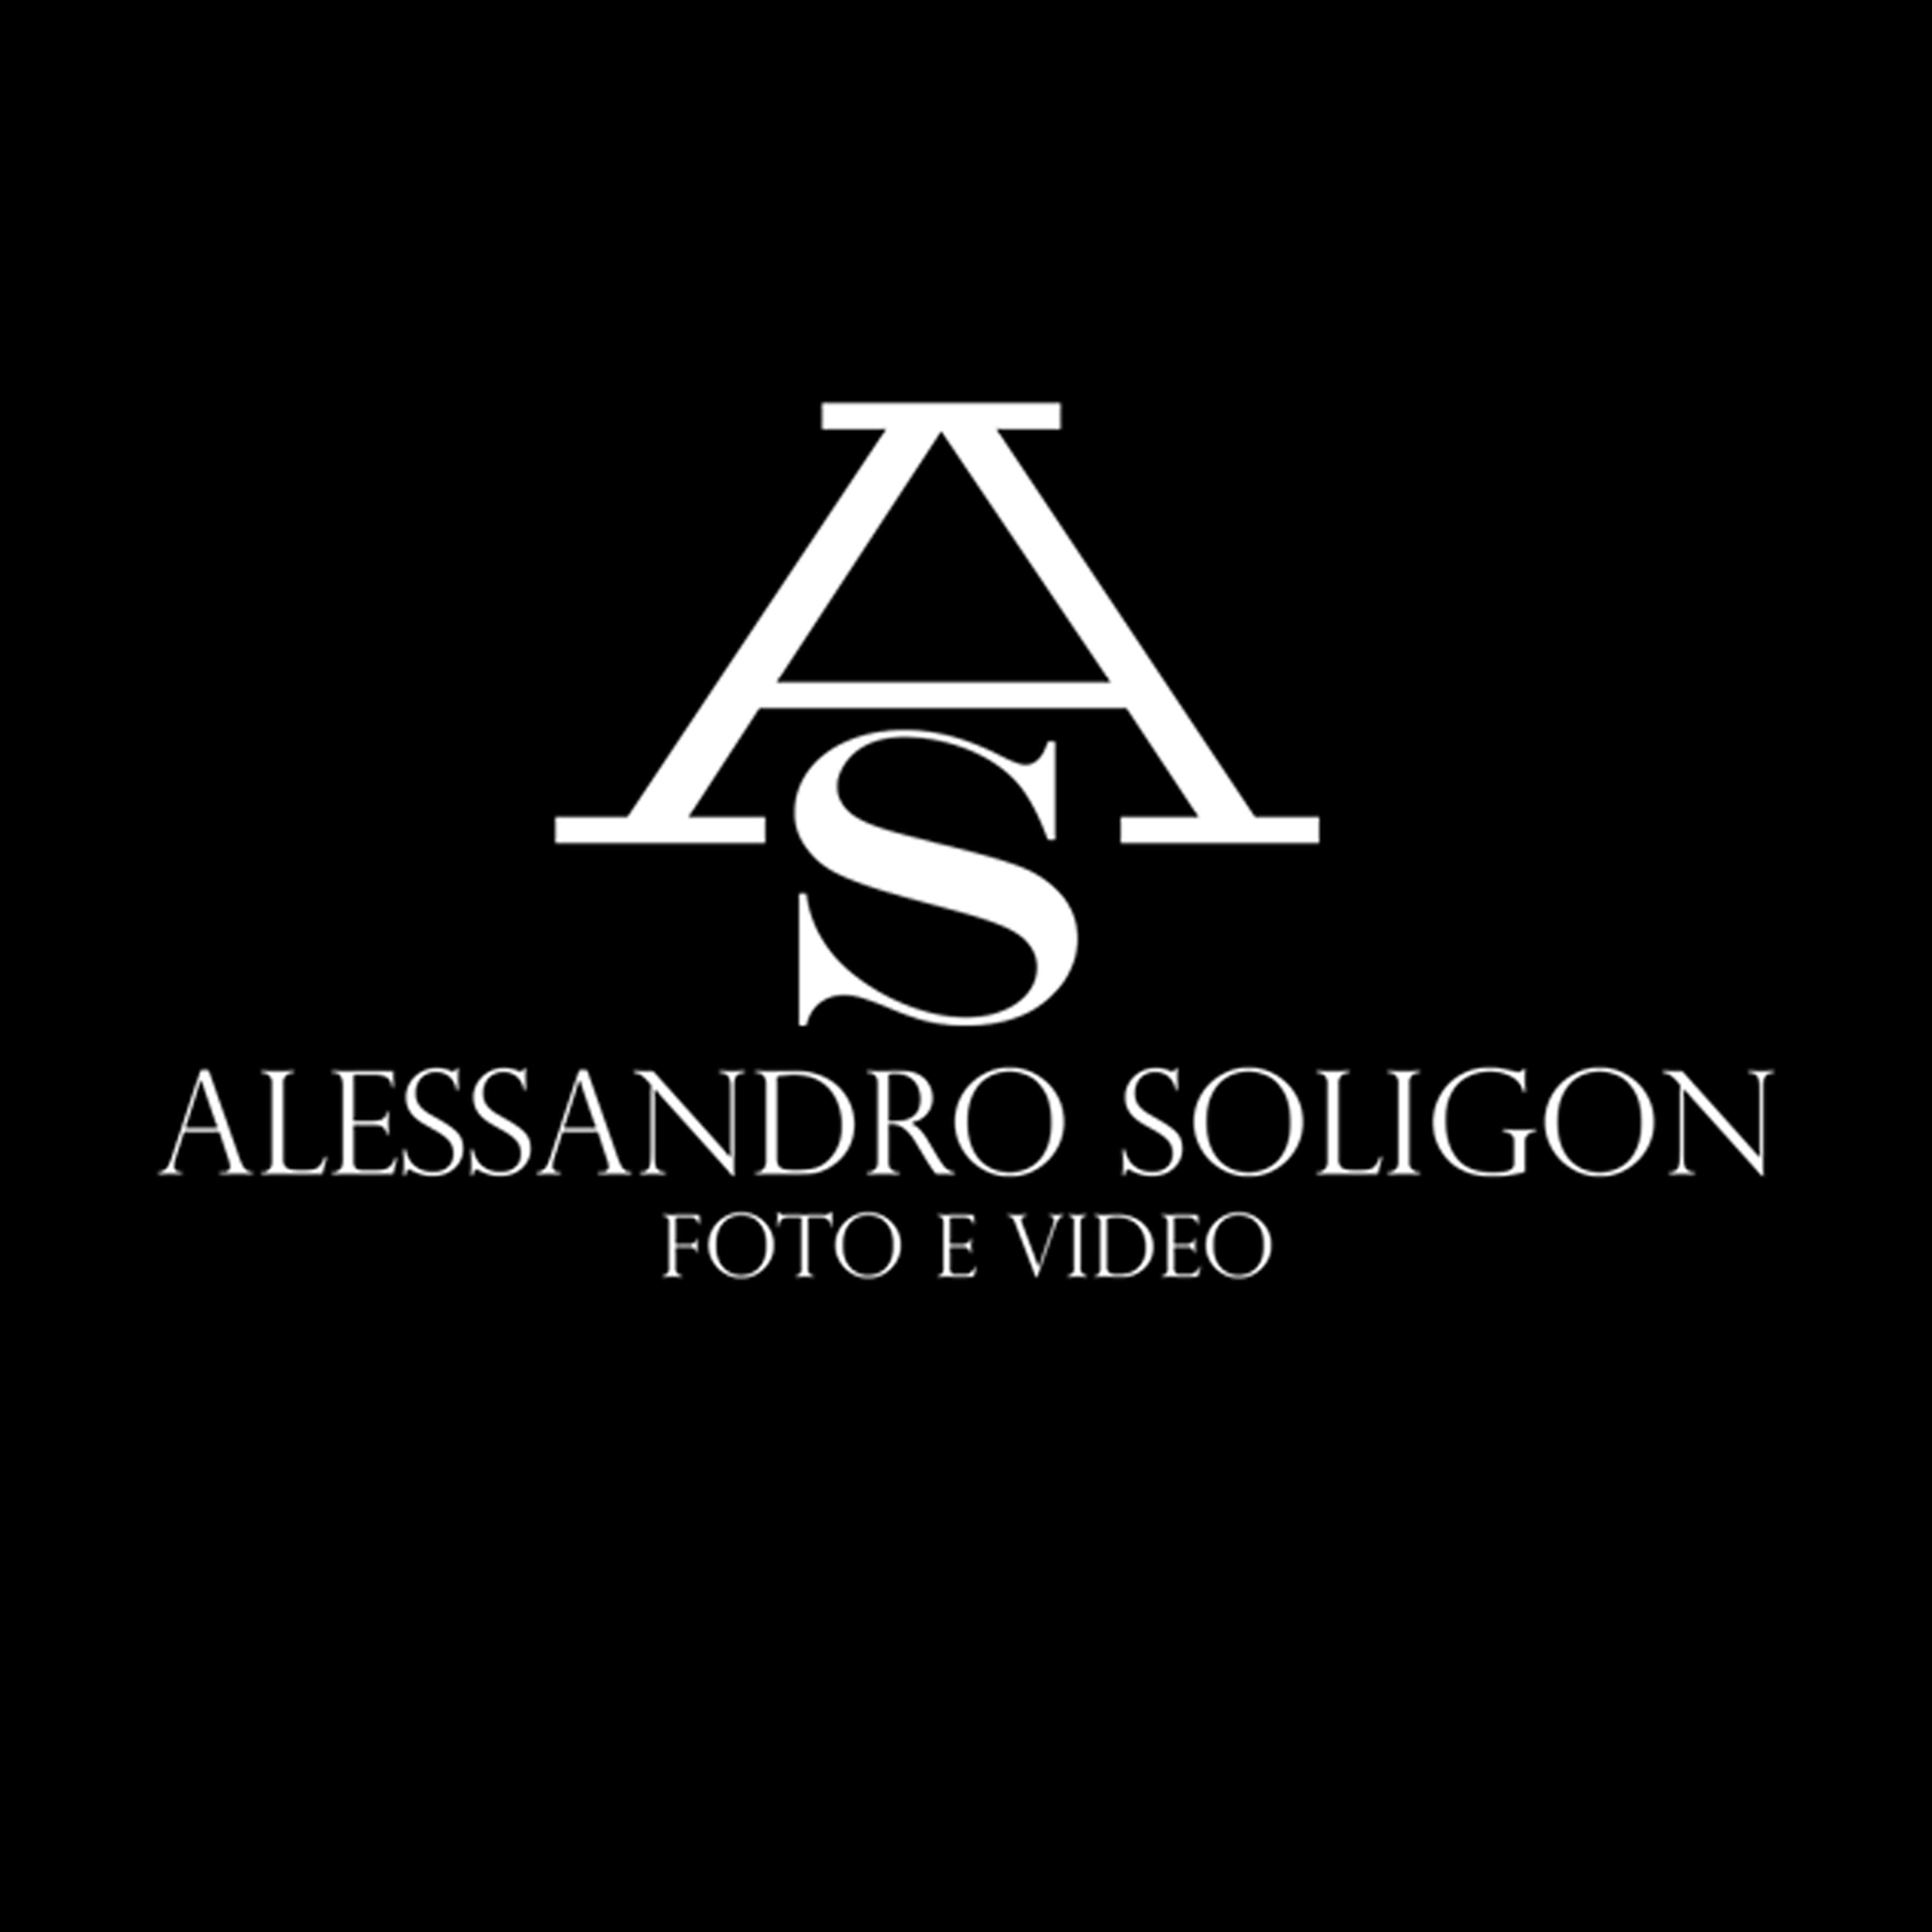 Contate ALESSANDRO SOLIGON   - Fotografia e video casamento - 15 anos - ensaios - Fortaleza (CE)